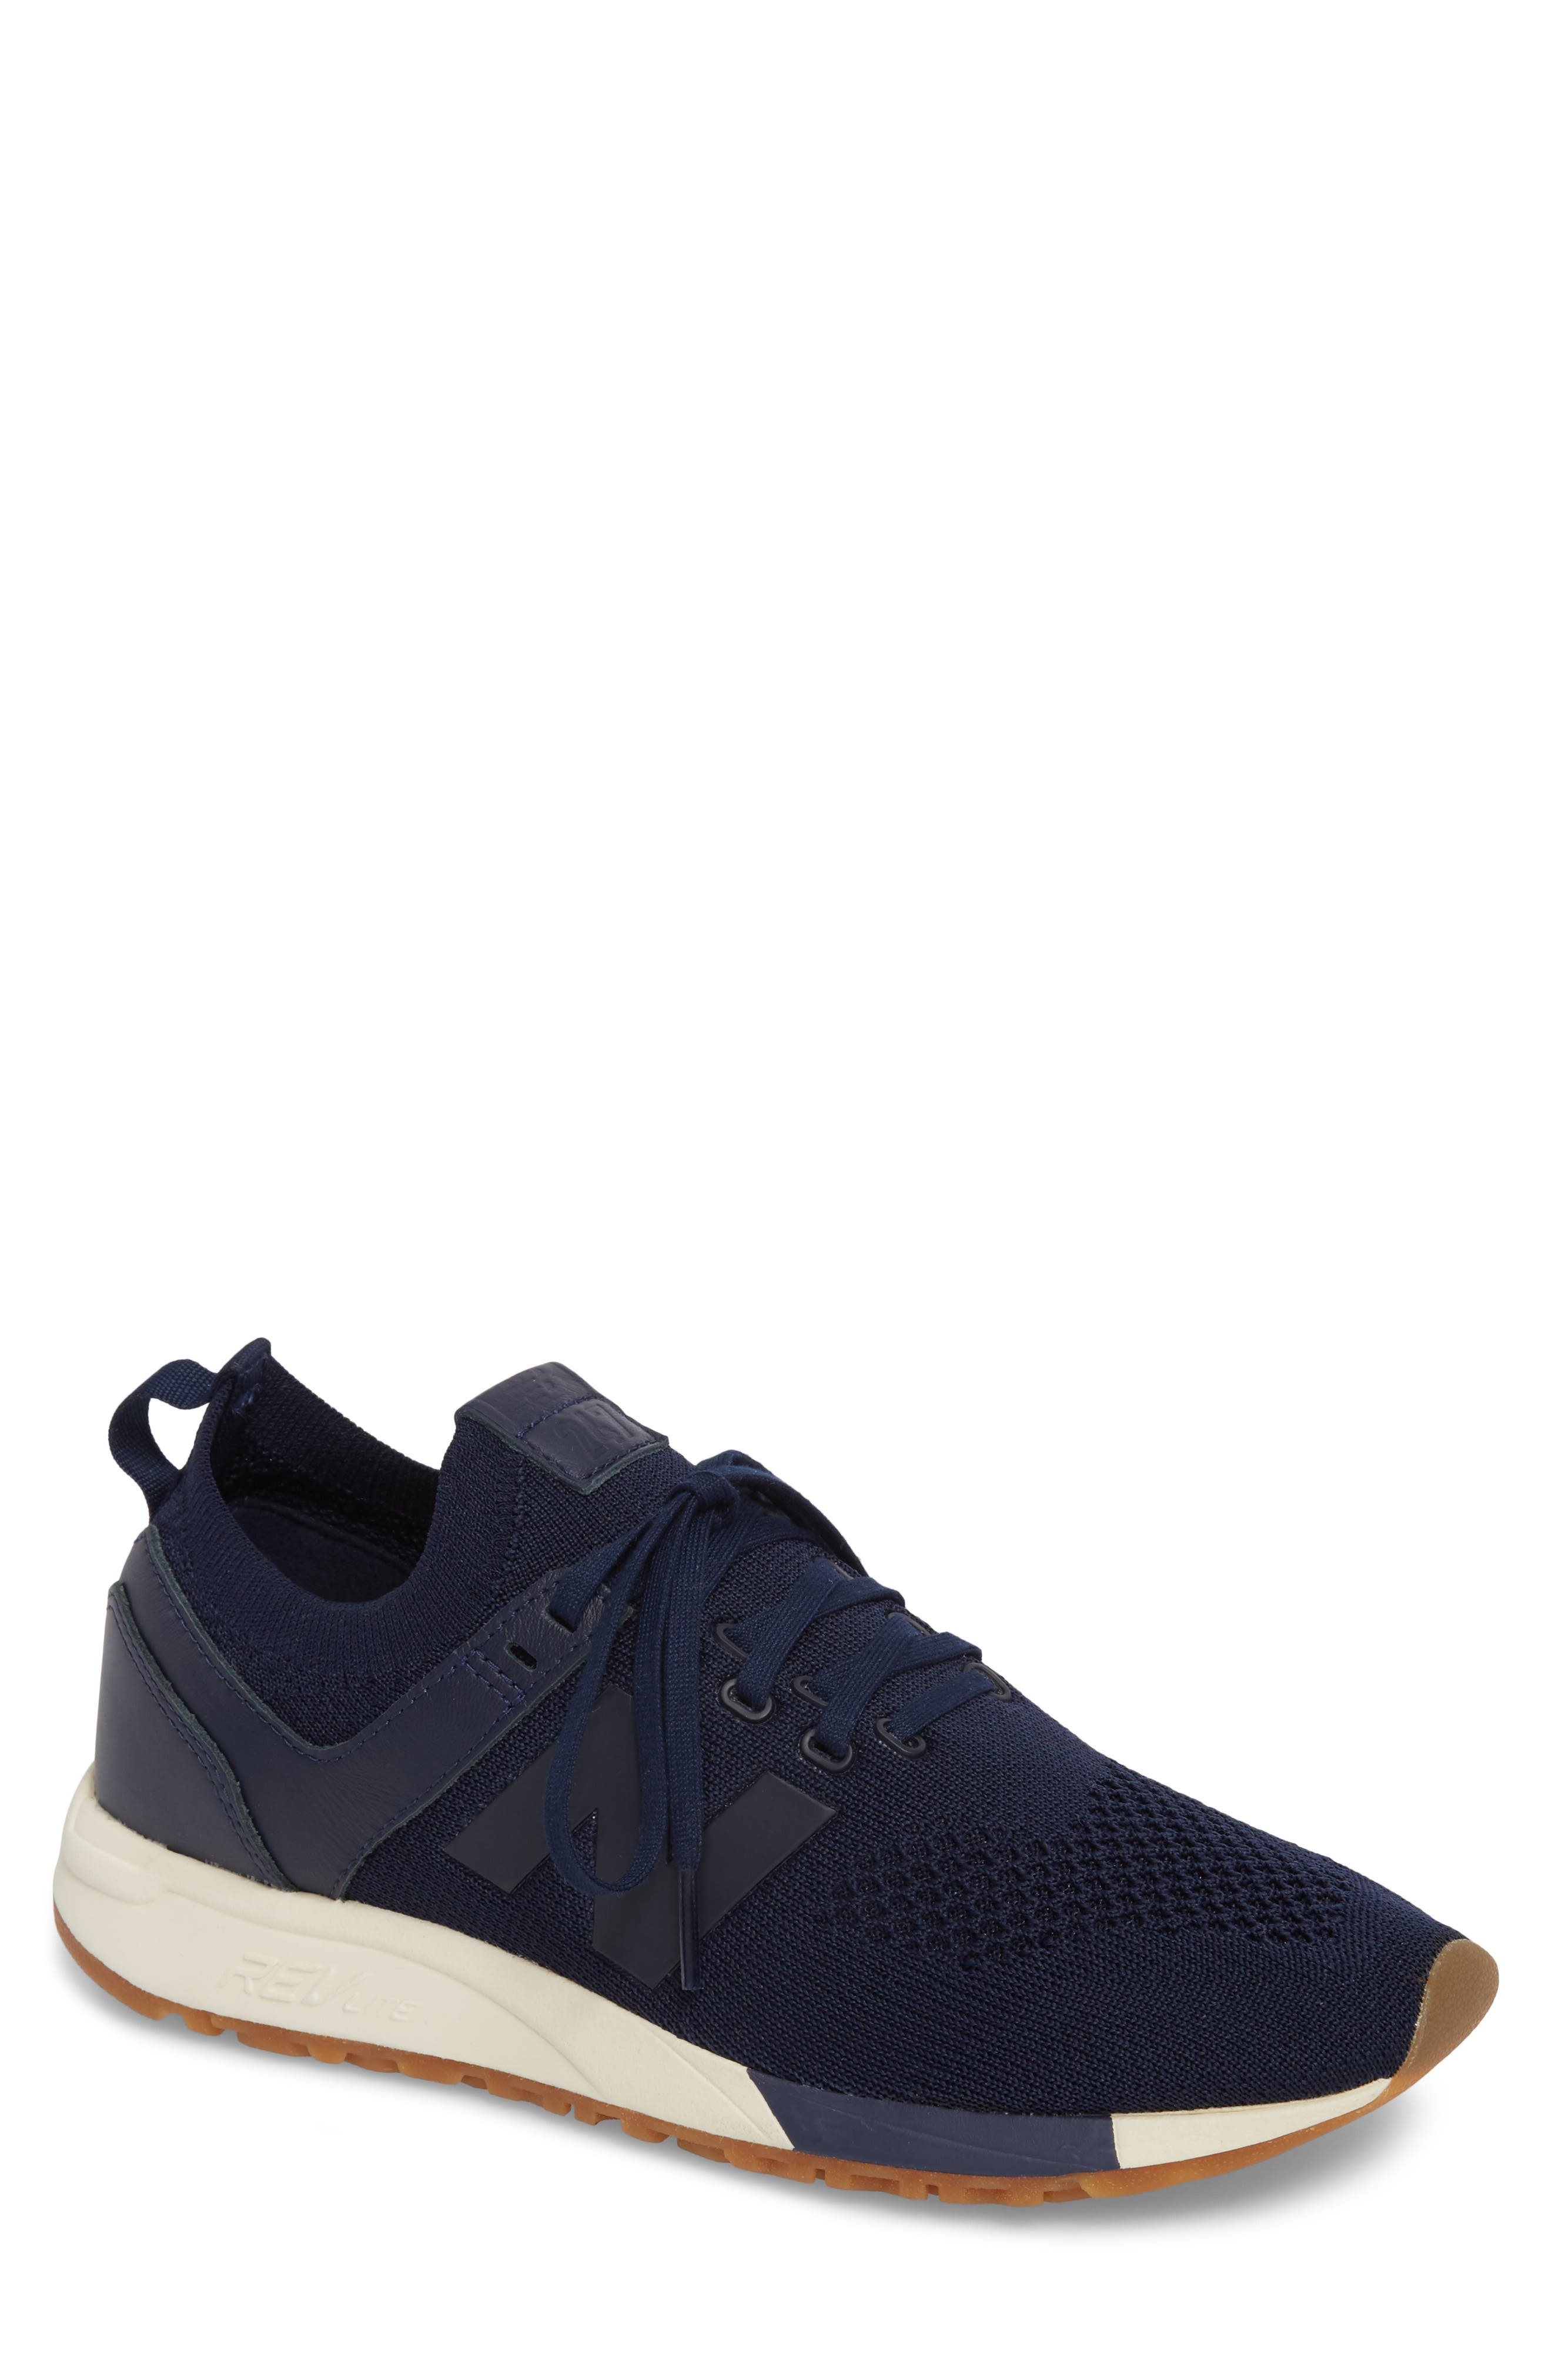 247 Decon Knit Sneaker,                             Main thumbnail 4, color,